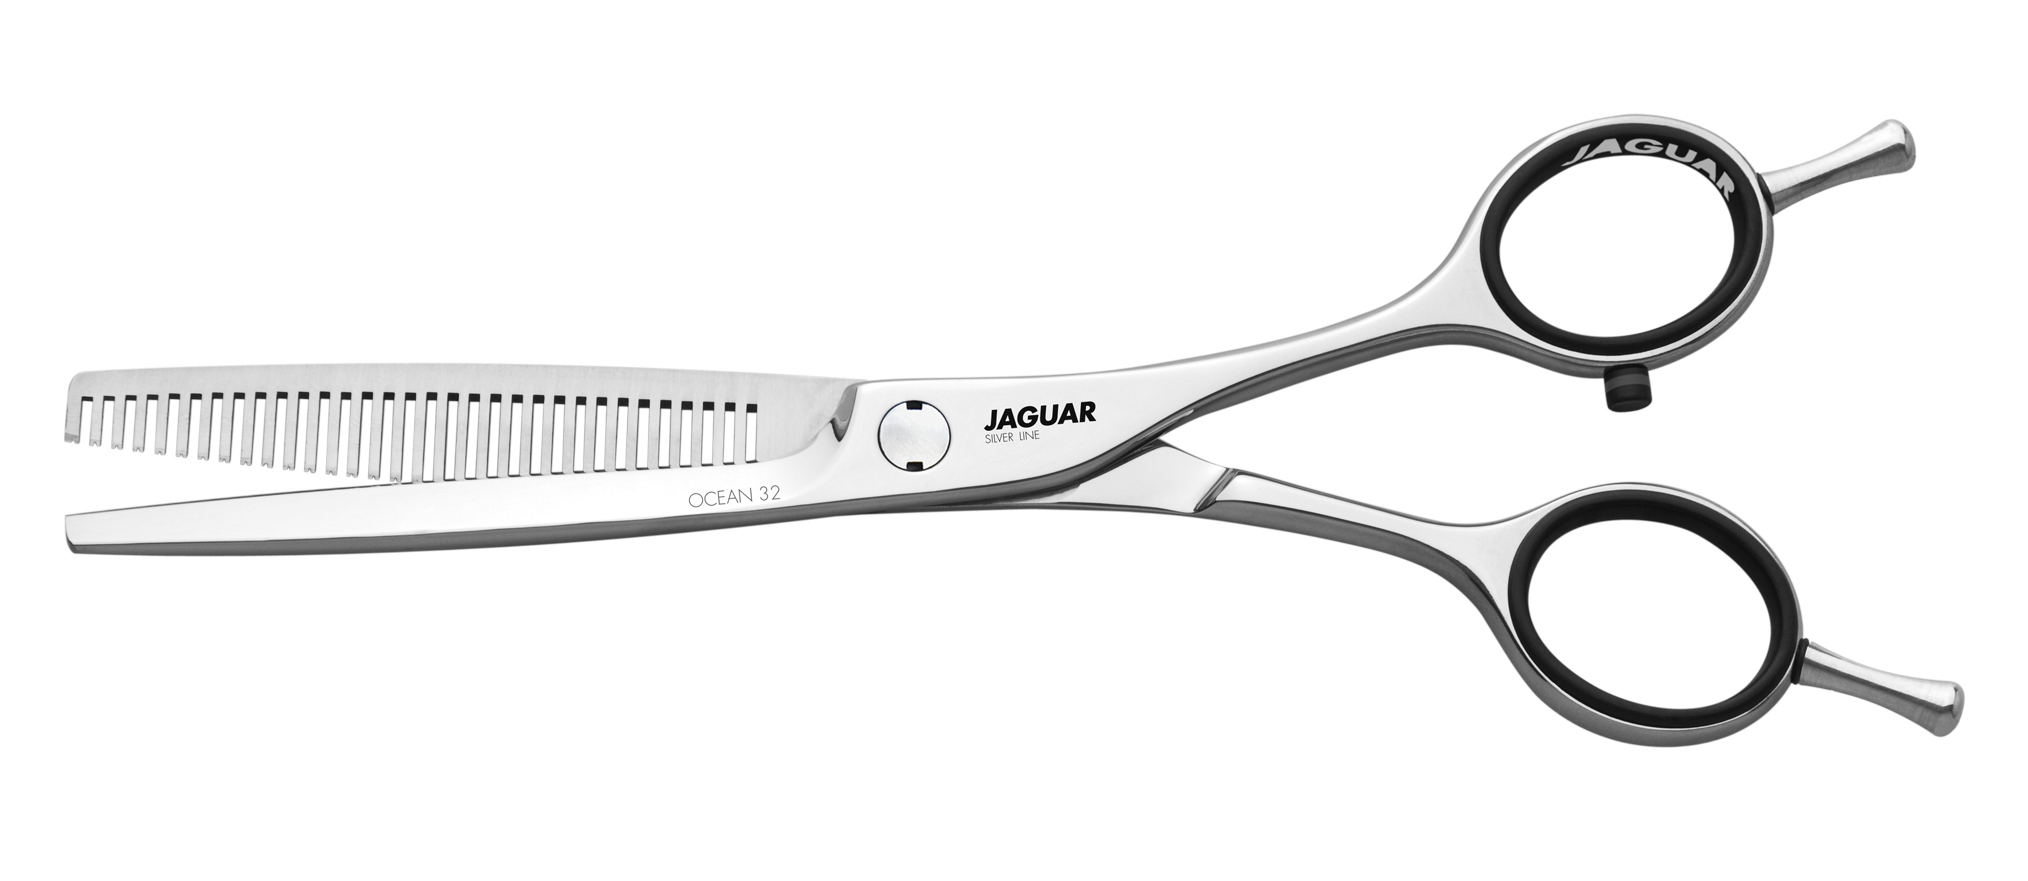 JAGUAR Ножницы A Ocean филир.32 6' *** jaguar ножницы jaguar perfect 6 15 5см sl